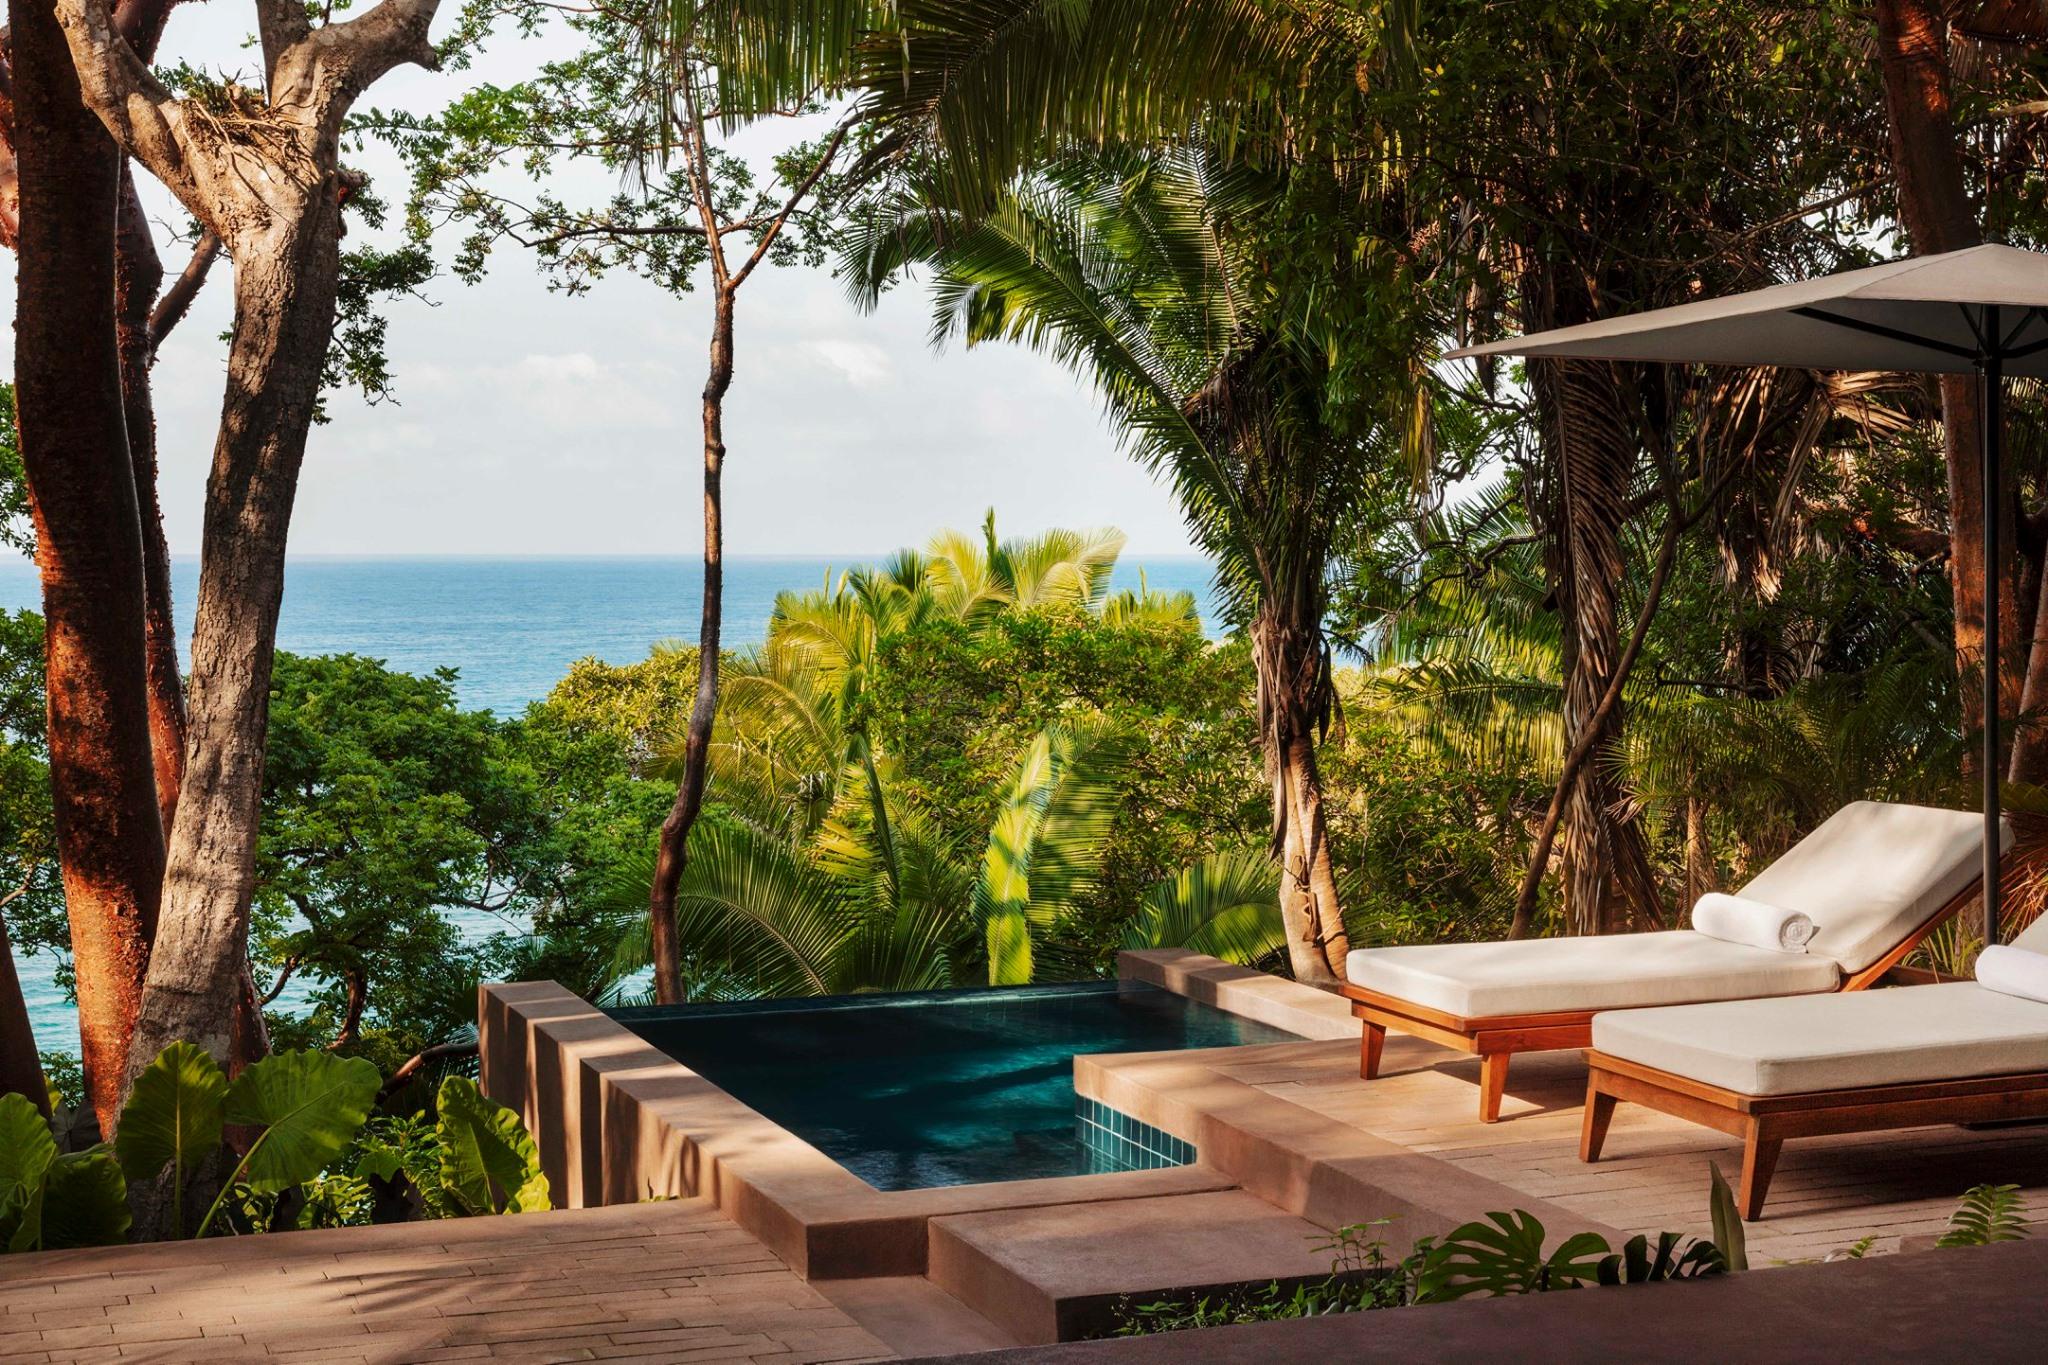 Este hotel te sorprenderá con sus habitaciones 'treehouse' y sus villas construidas en acantilados